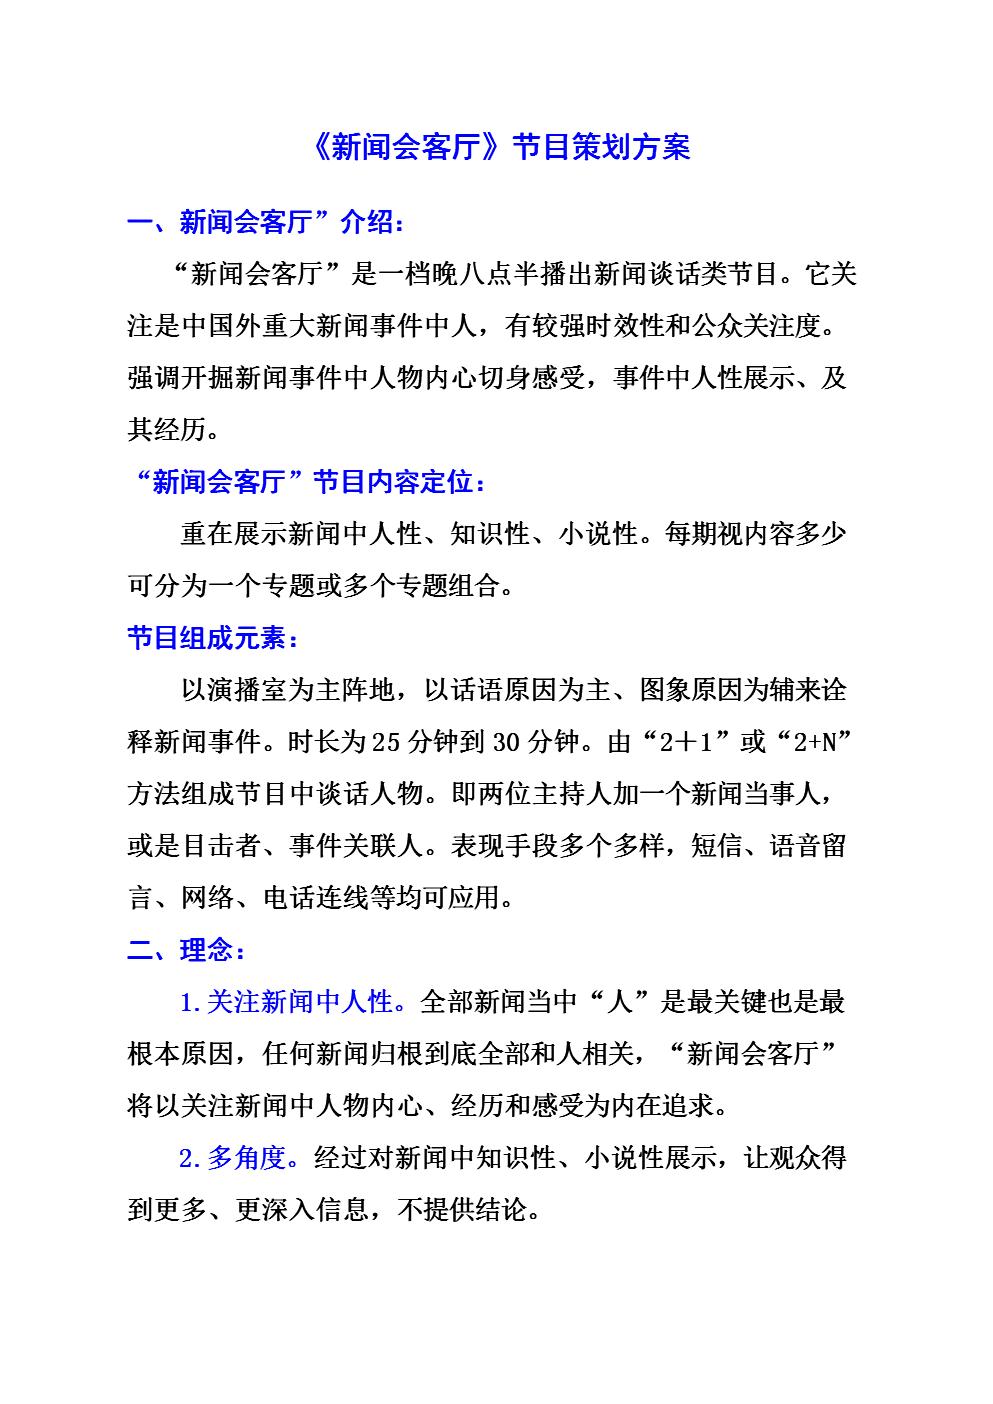 新闻会客厅节目专题计划专题方案.doc